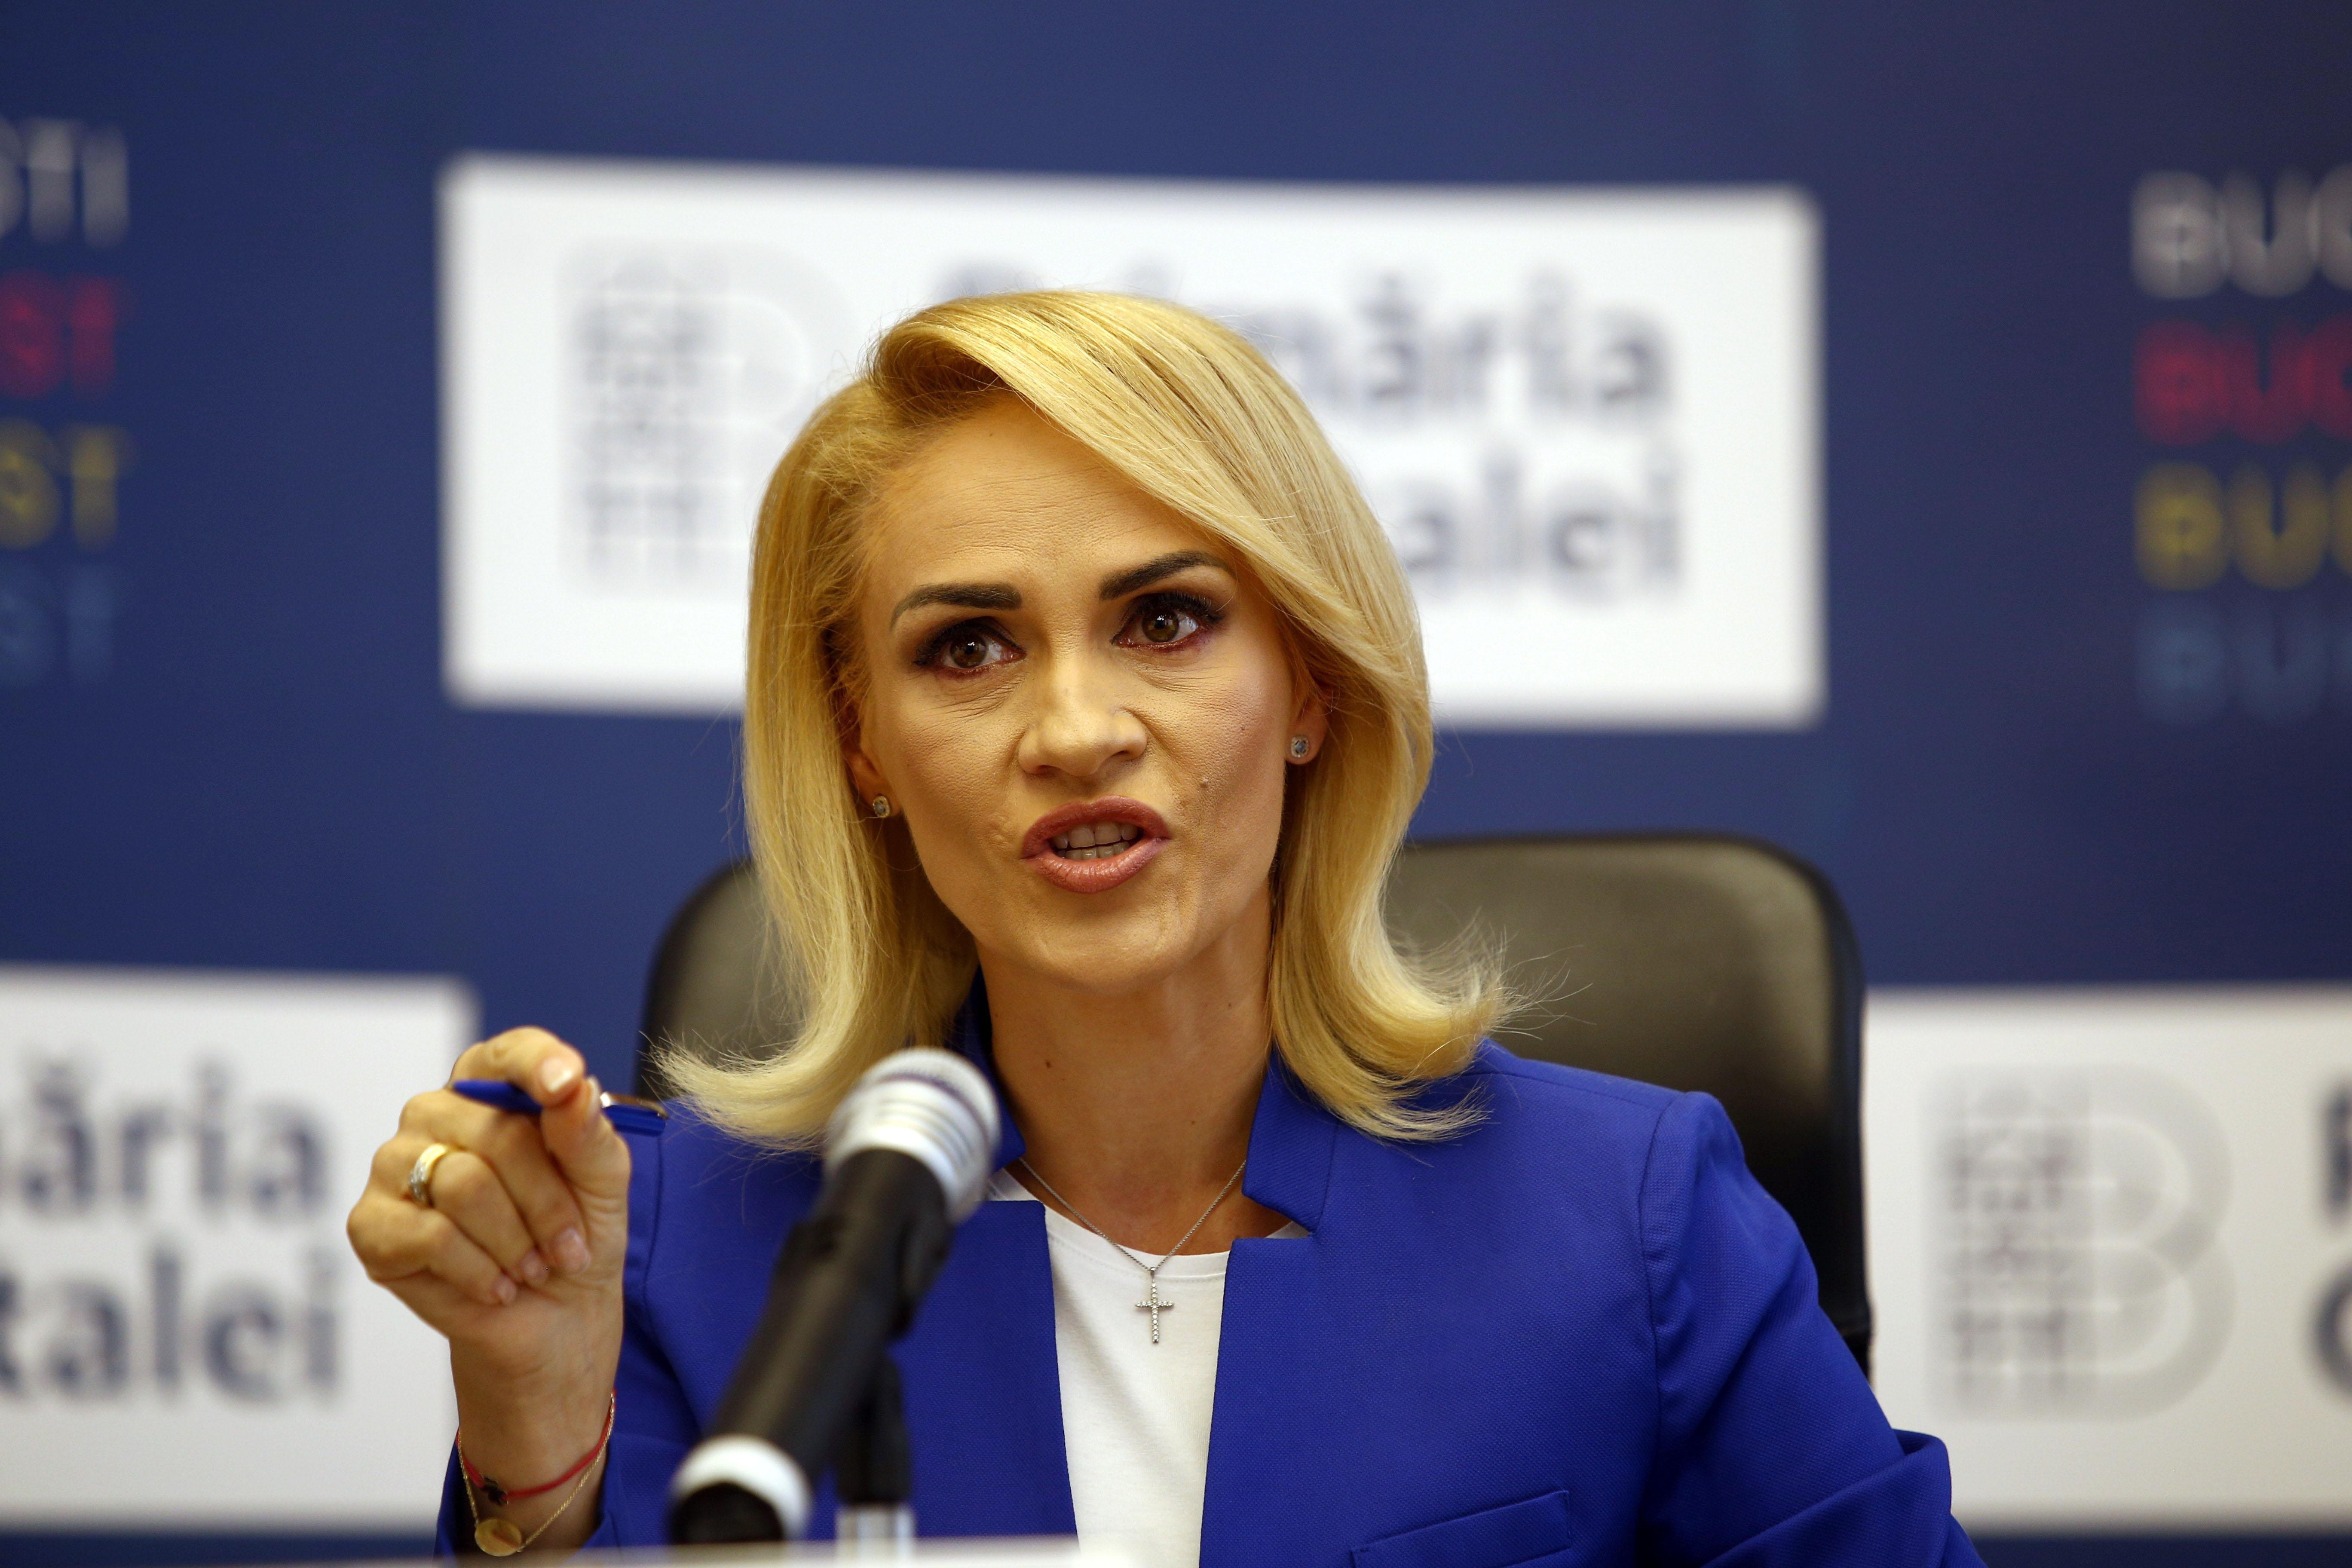 Schimbări de ultimă oră! Taxa zilnică introdusă în București. News Alert